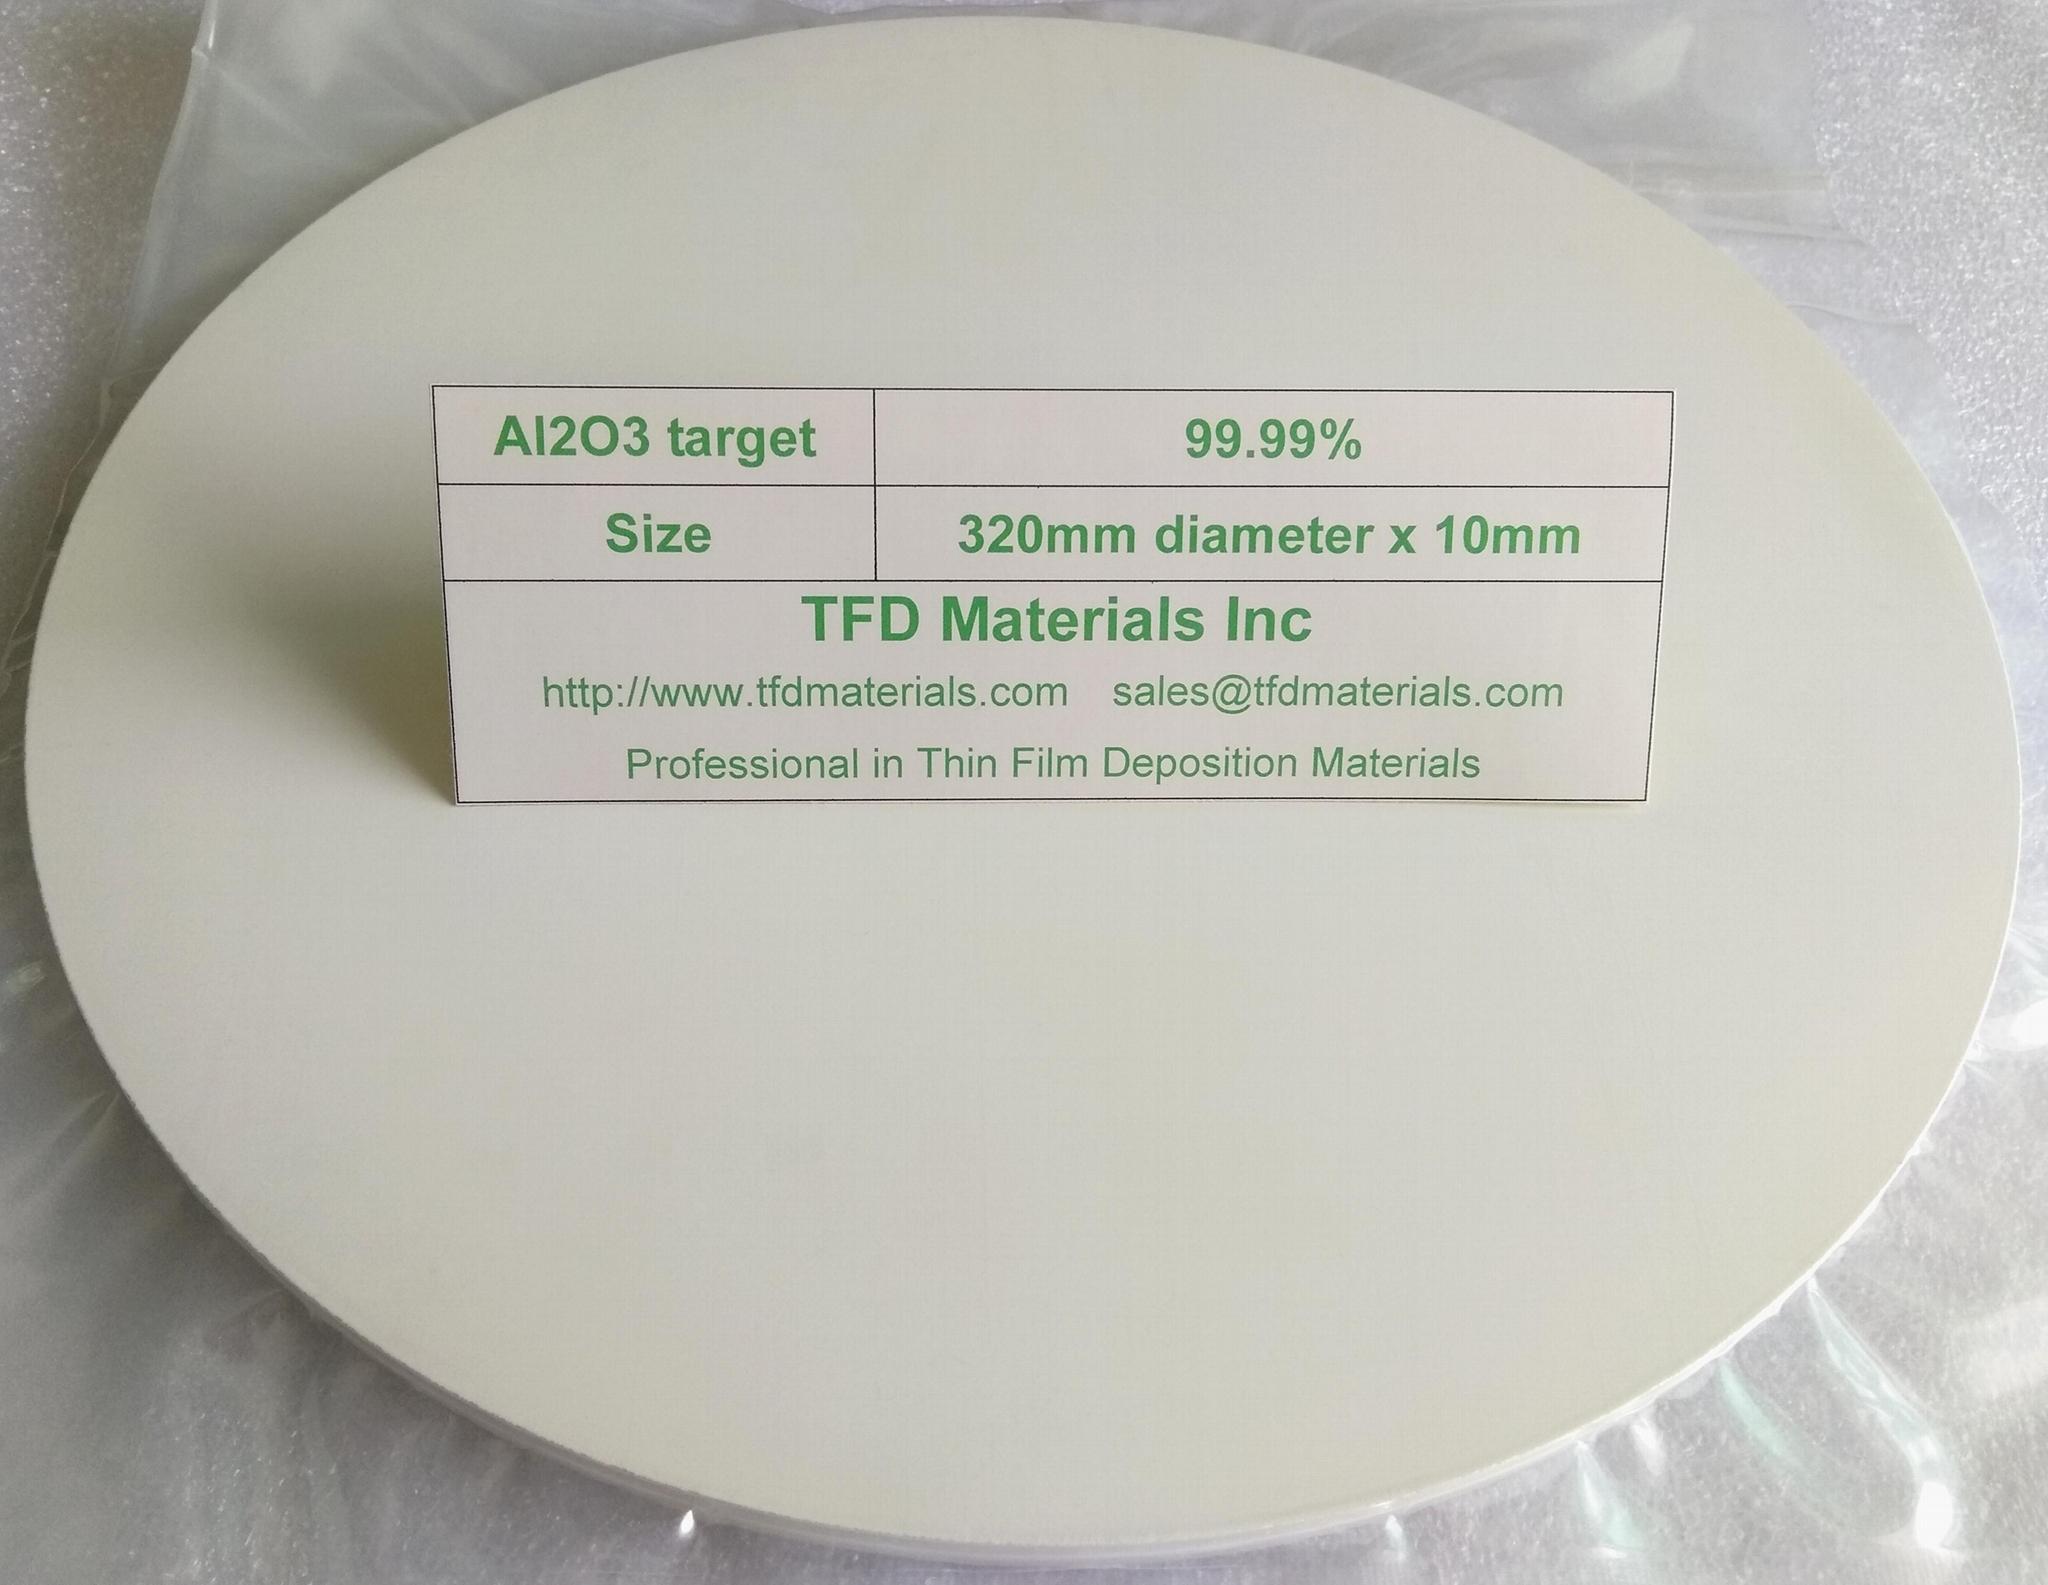 Aluminum Oxide Al2O3 target